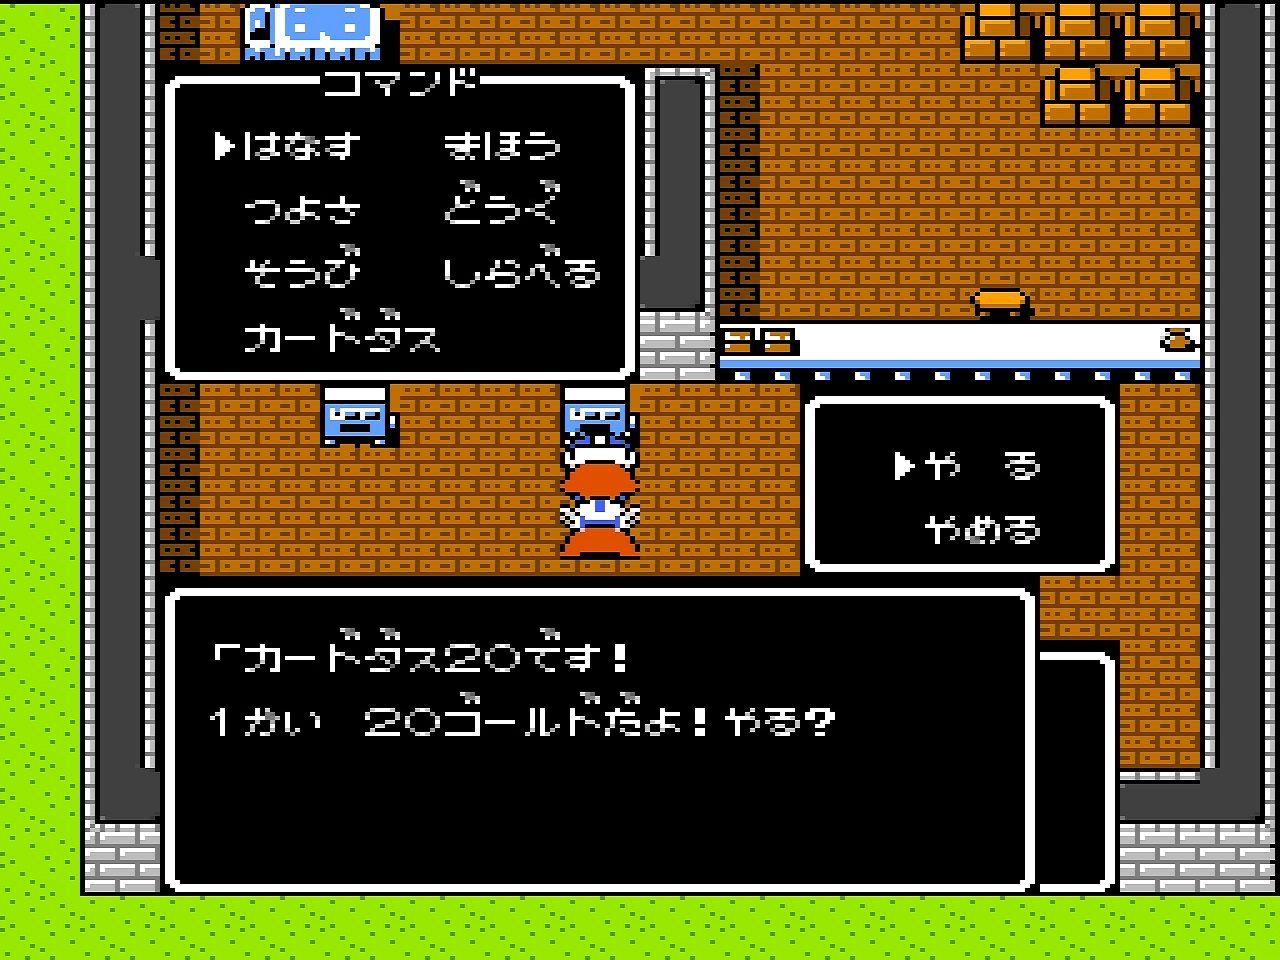 キャラゲー屈指の名作! ファミコン『SDガンダム外伝 ナイトガンダム物語』は「かゆいところに手が届く」RPGだったの画像005